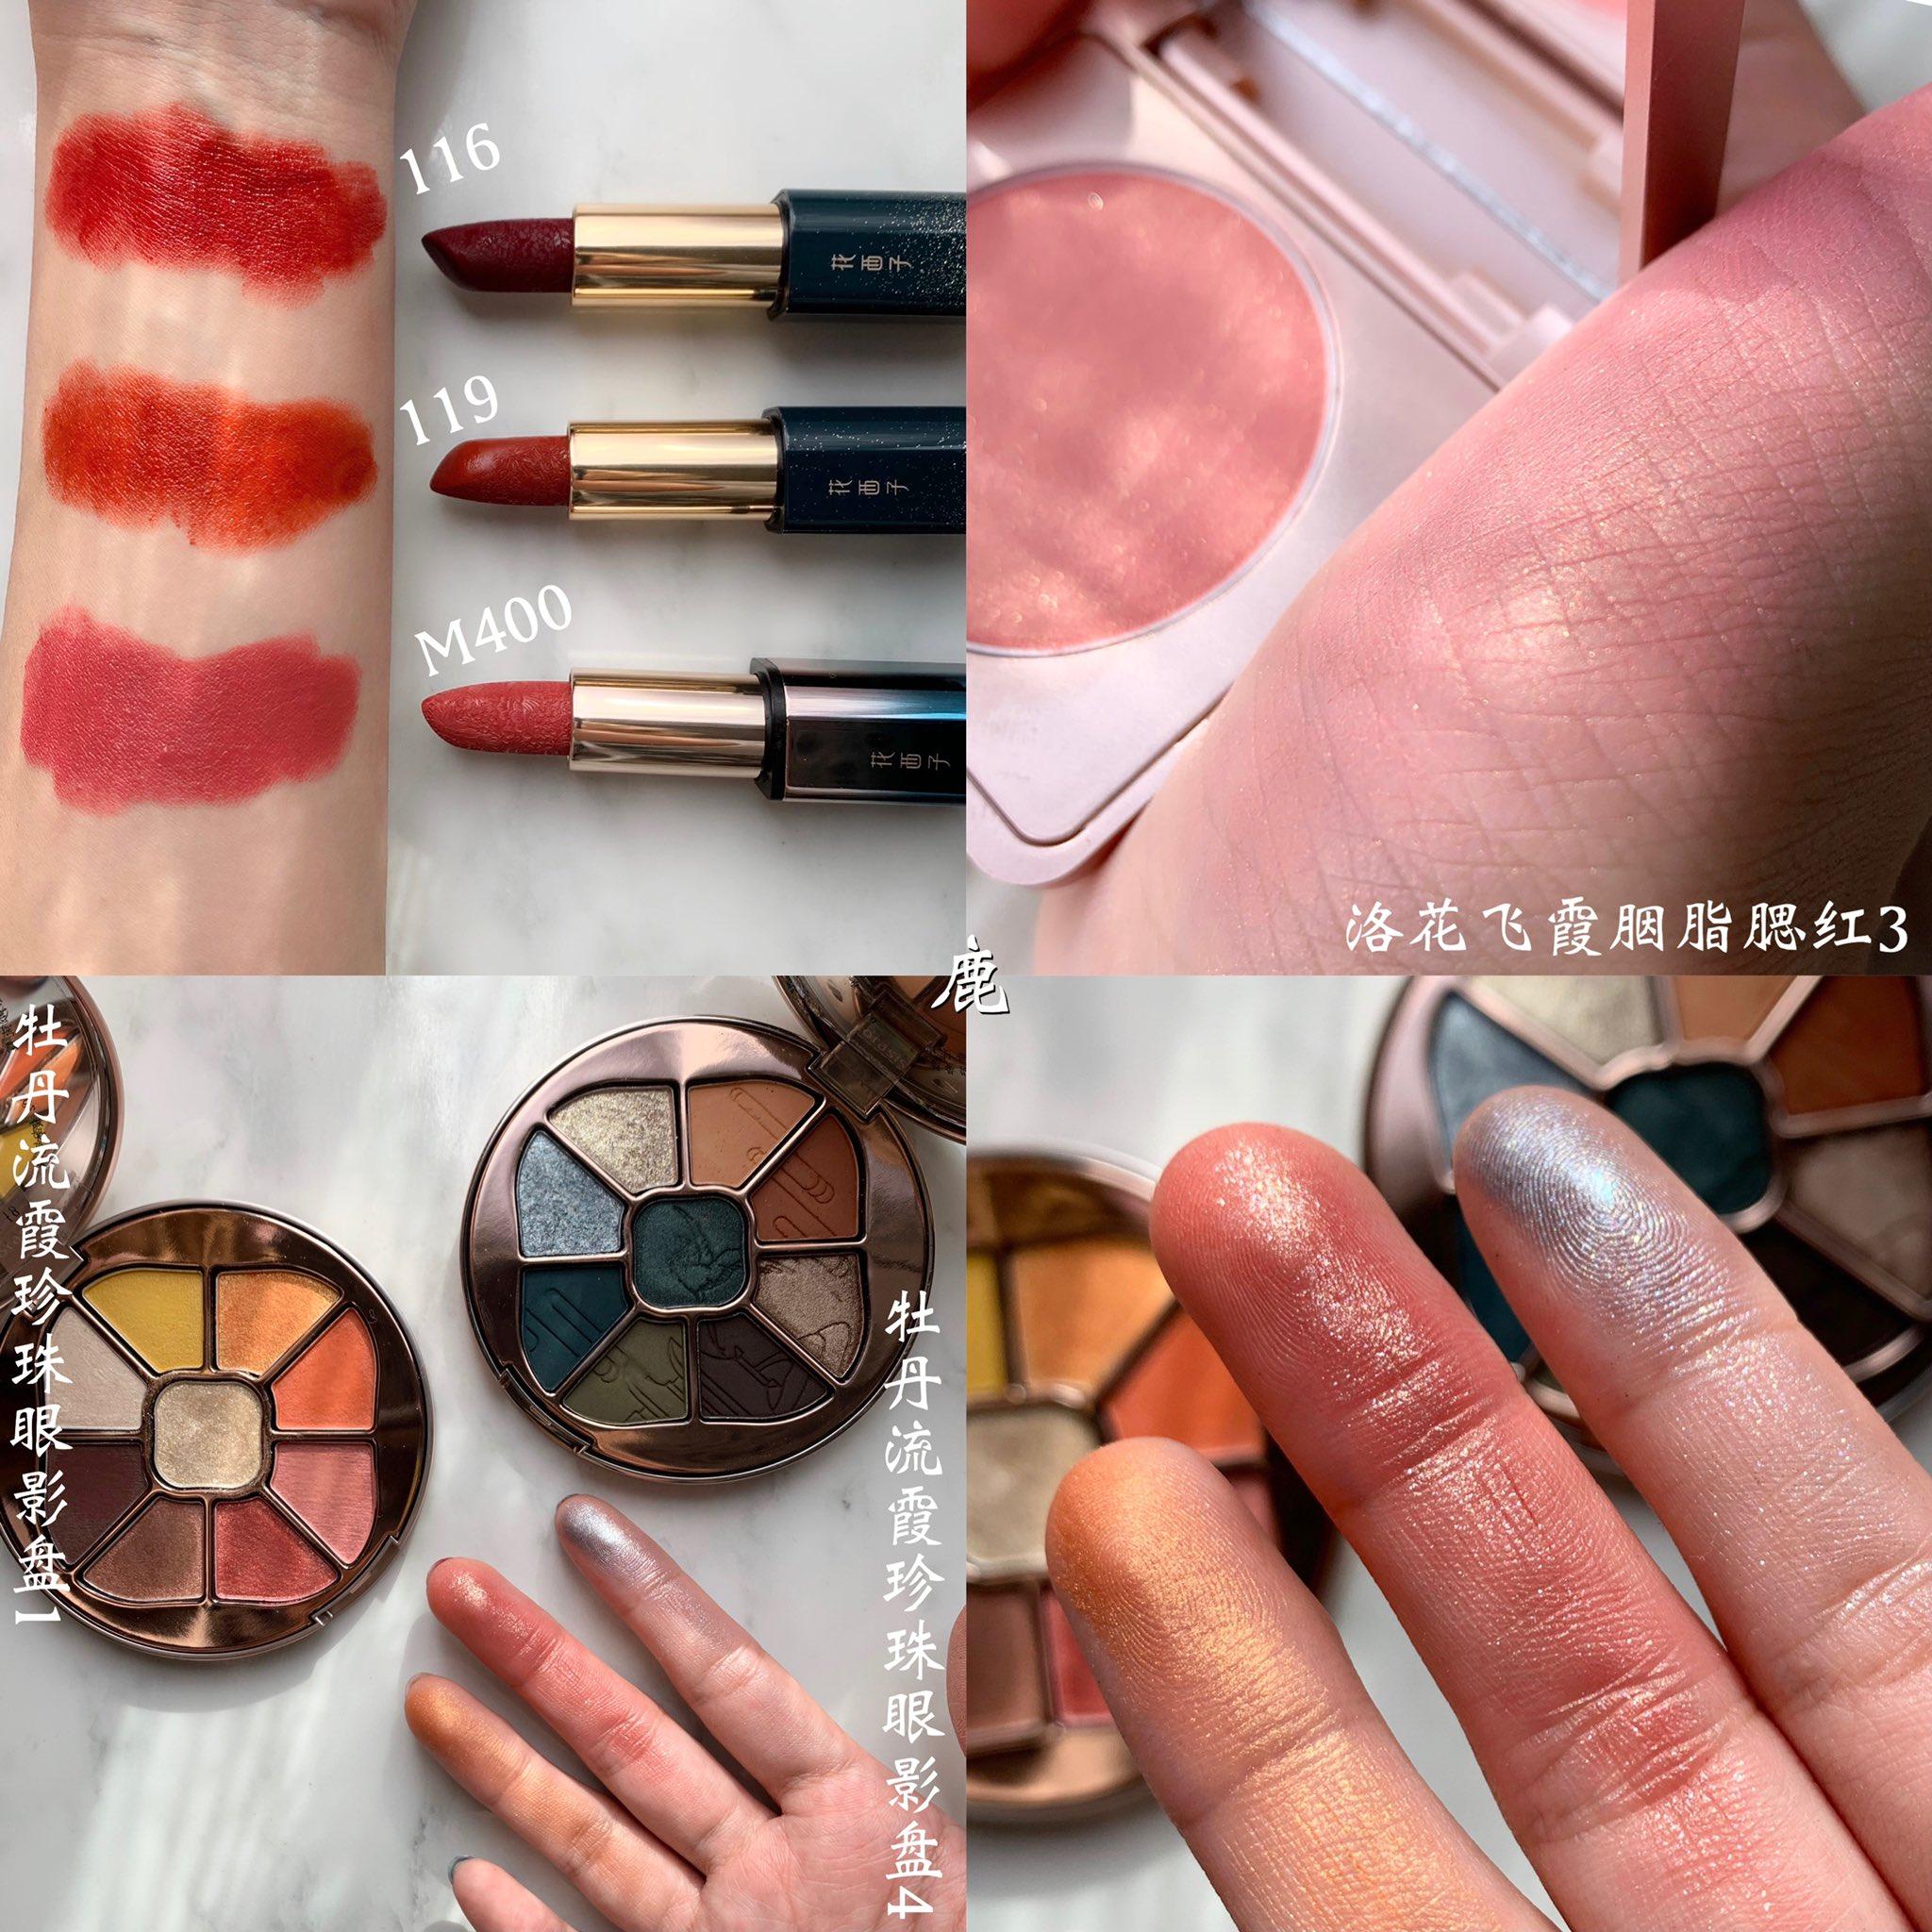 全世界のコスメ好きに教えたい!中国コスメ「花西子」は女子力爆上がりの自然派化粧品!